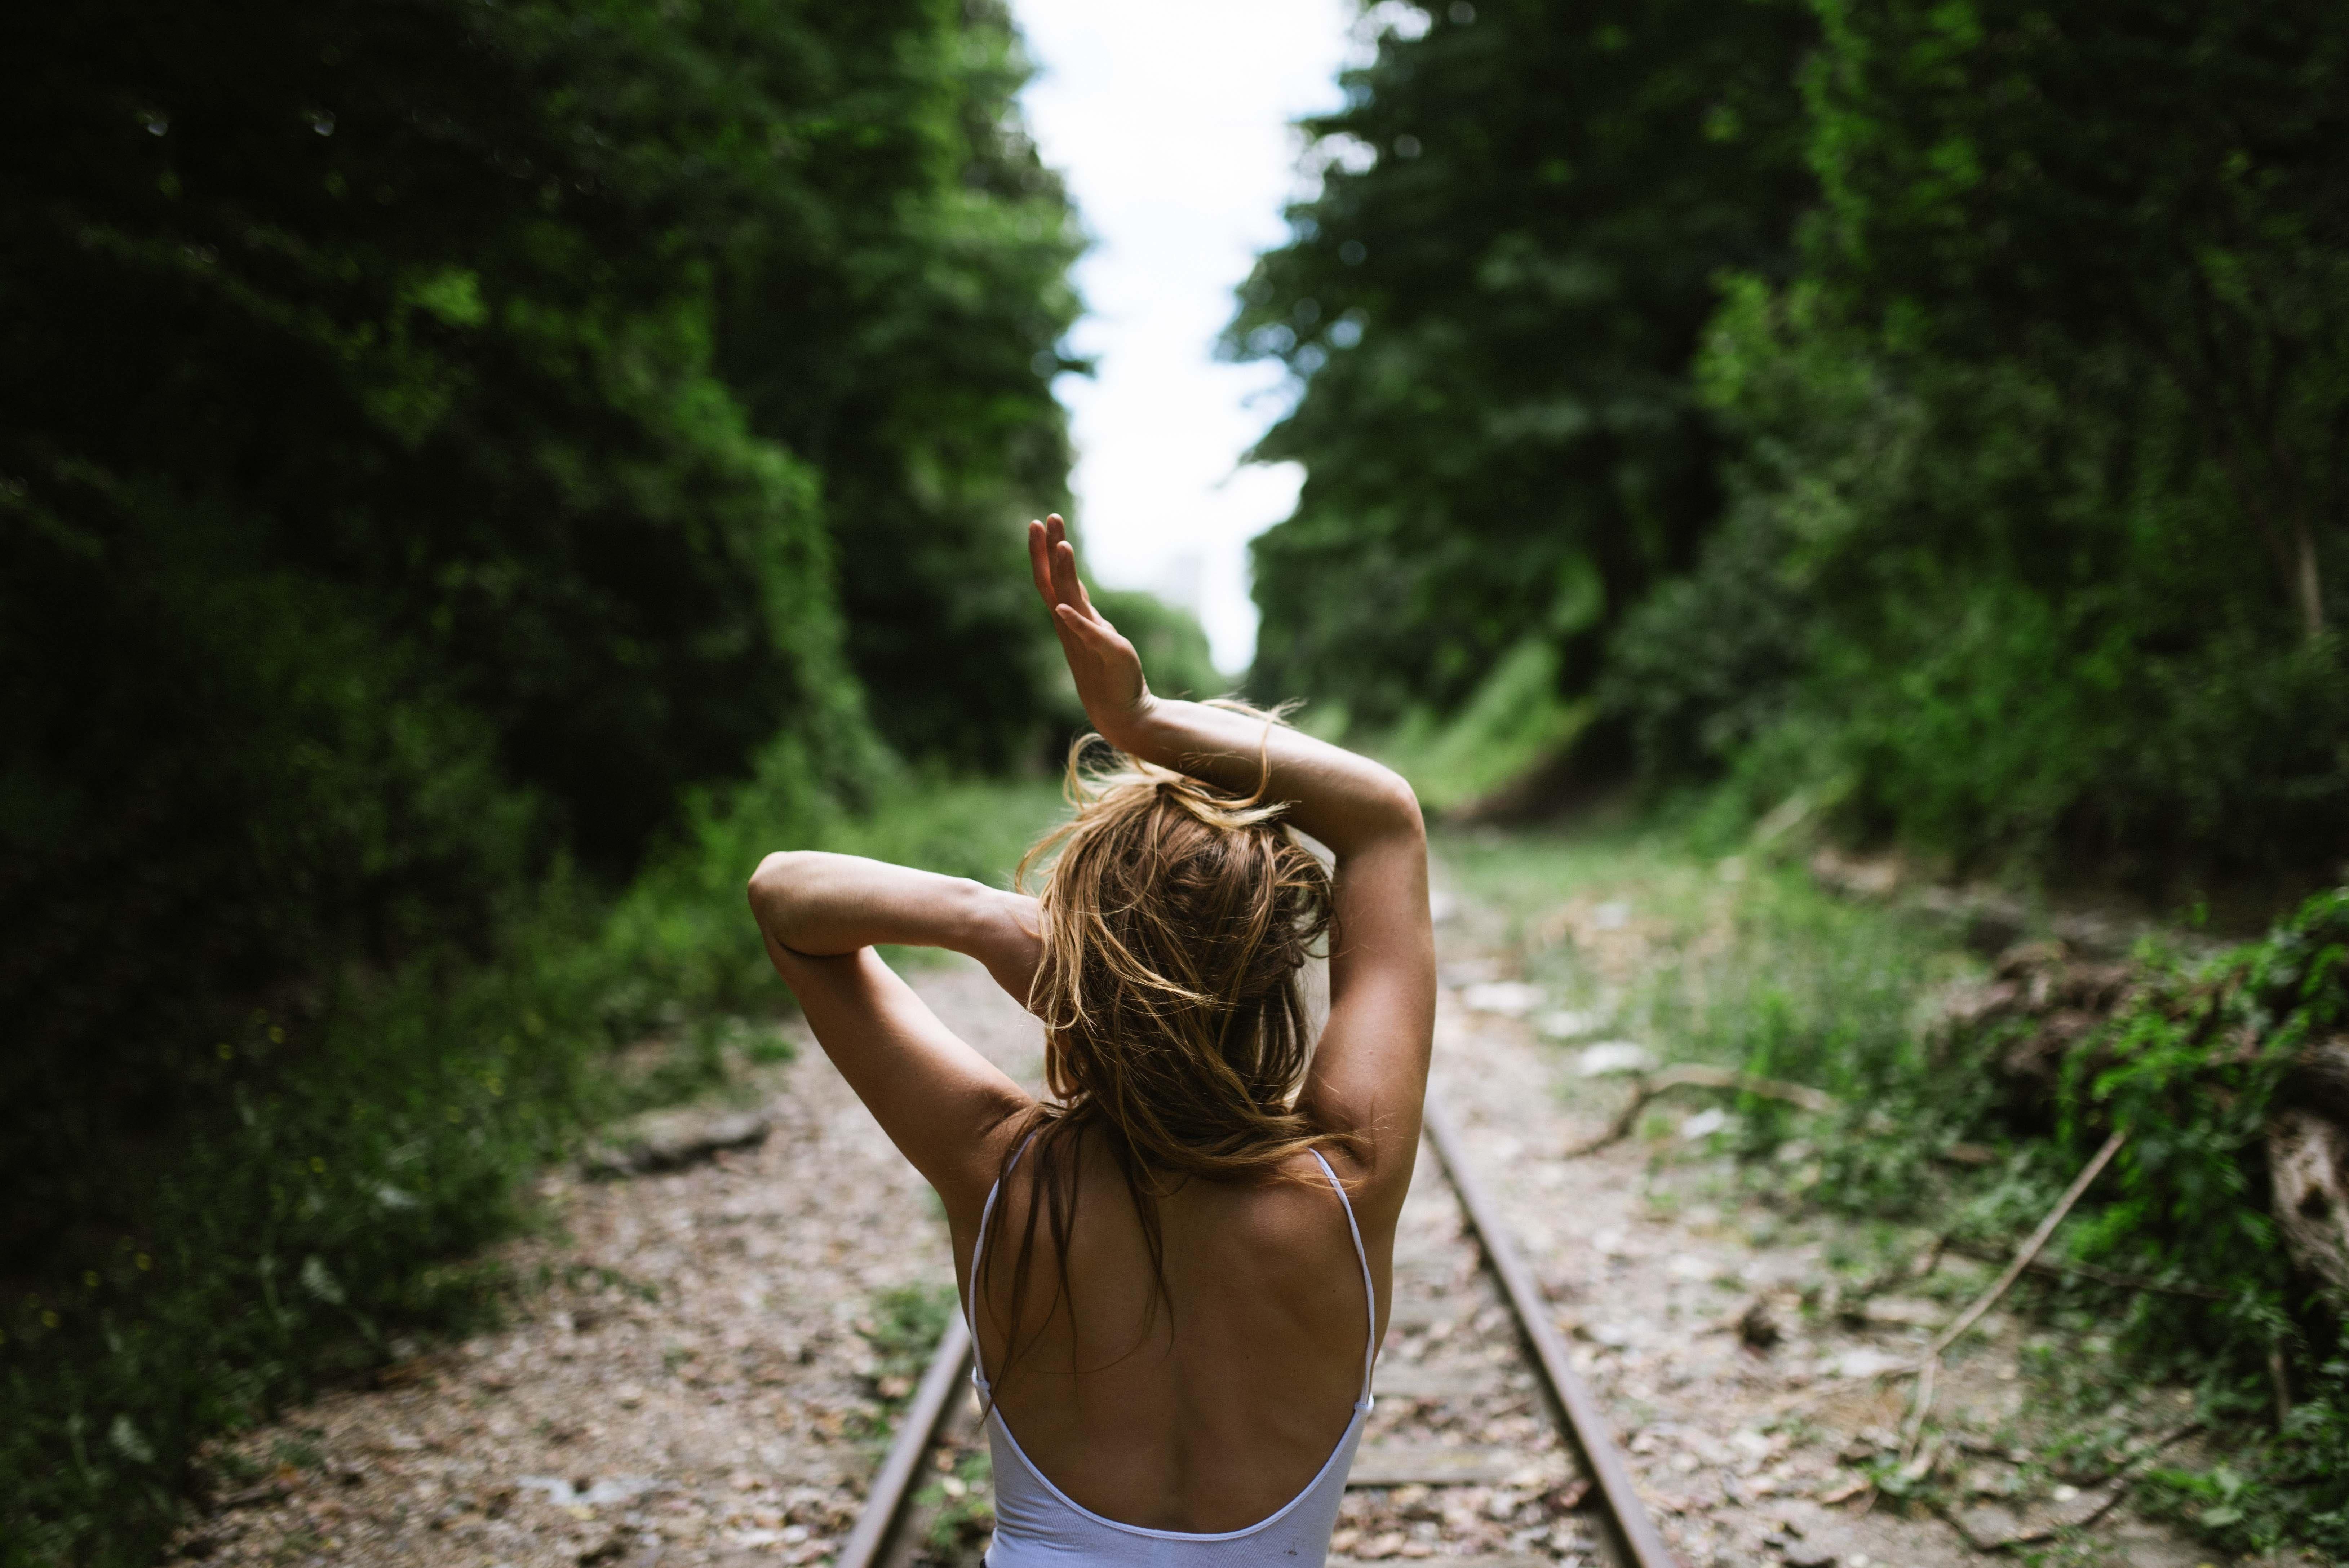 線路の上に立つ女性の後ろ姿